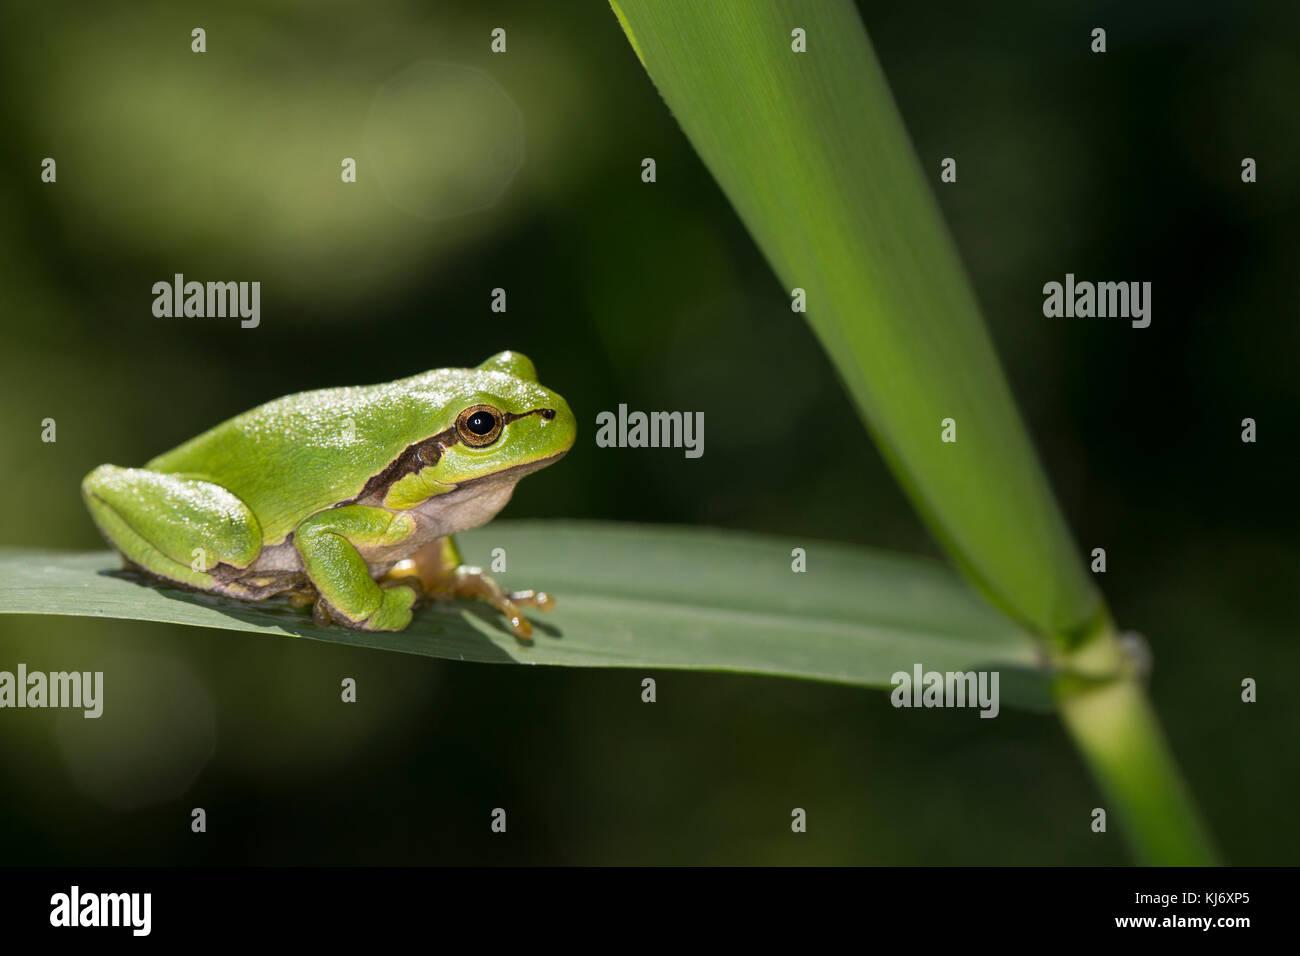 Europäischer Laubfrosch sonnt sich, Laub-Frosch, Frosch, Hyla arborea, European treefrog, common treefrog, Central Stock Photo